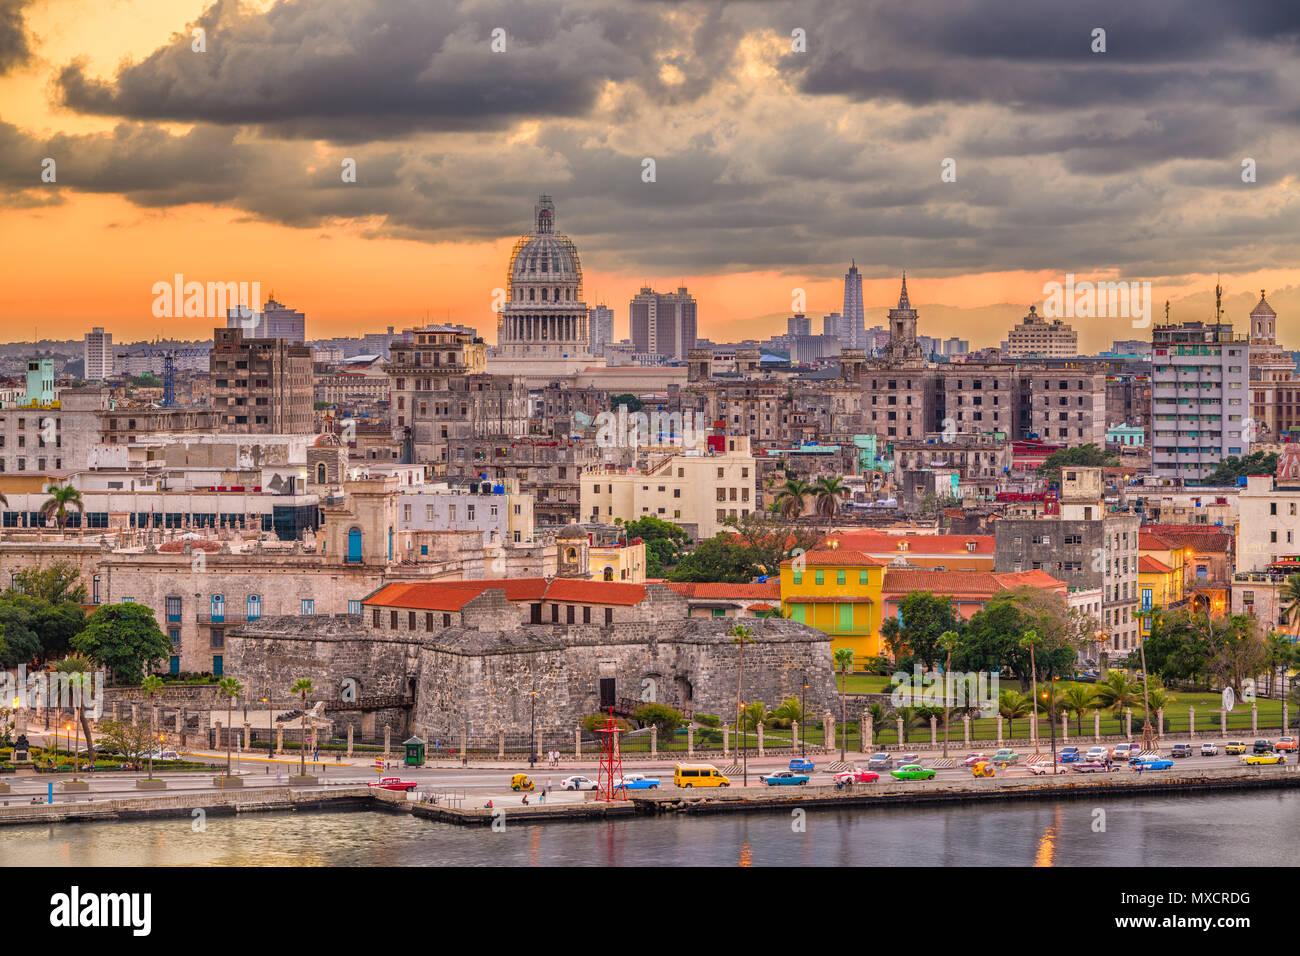 L'Avana, Cuba skyline del centro sull'acqua subito dopo il tramonto. Immagini Stock